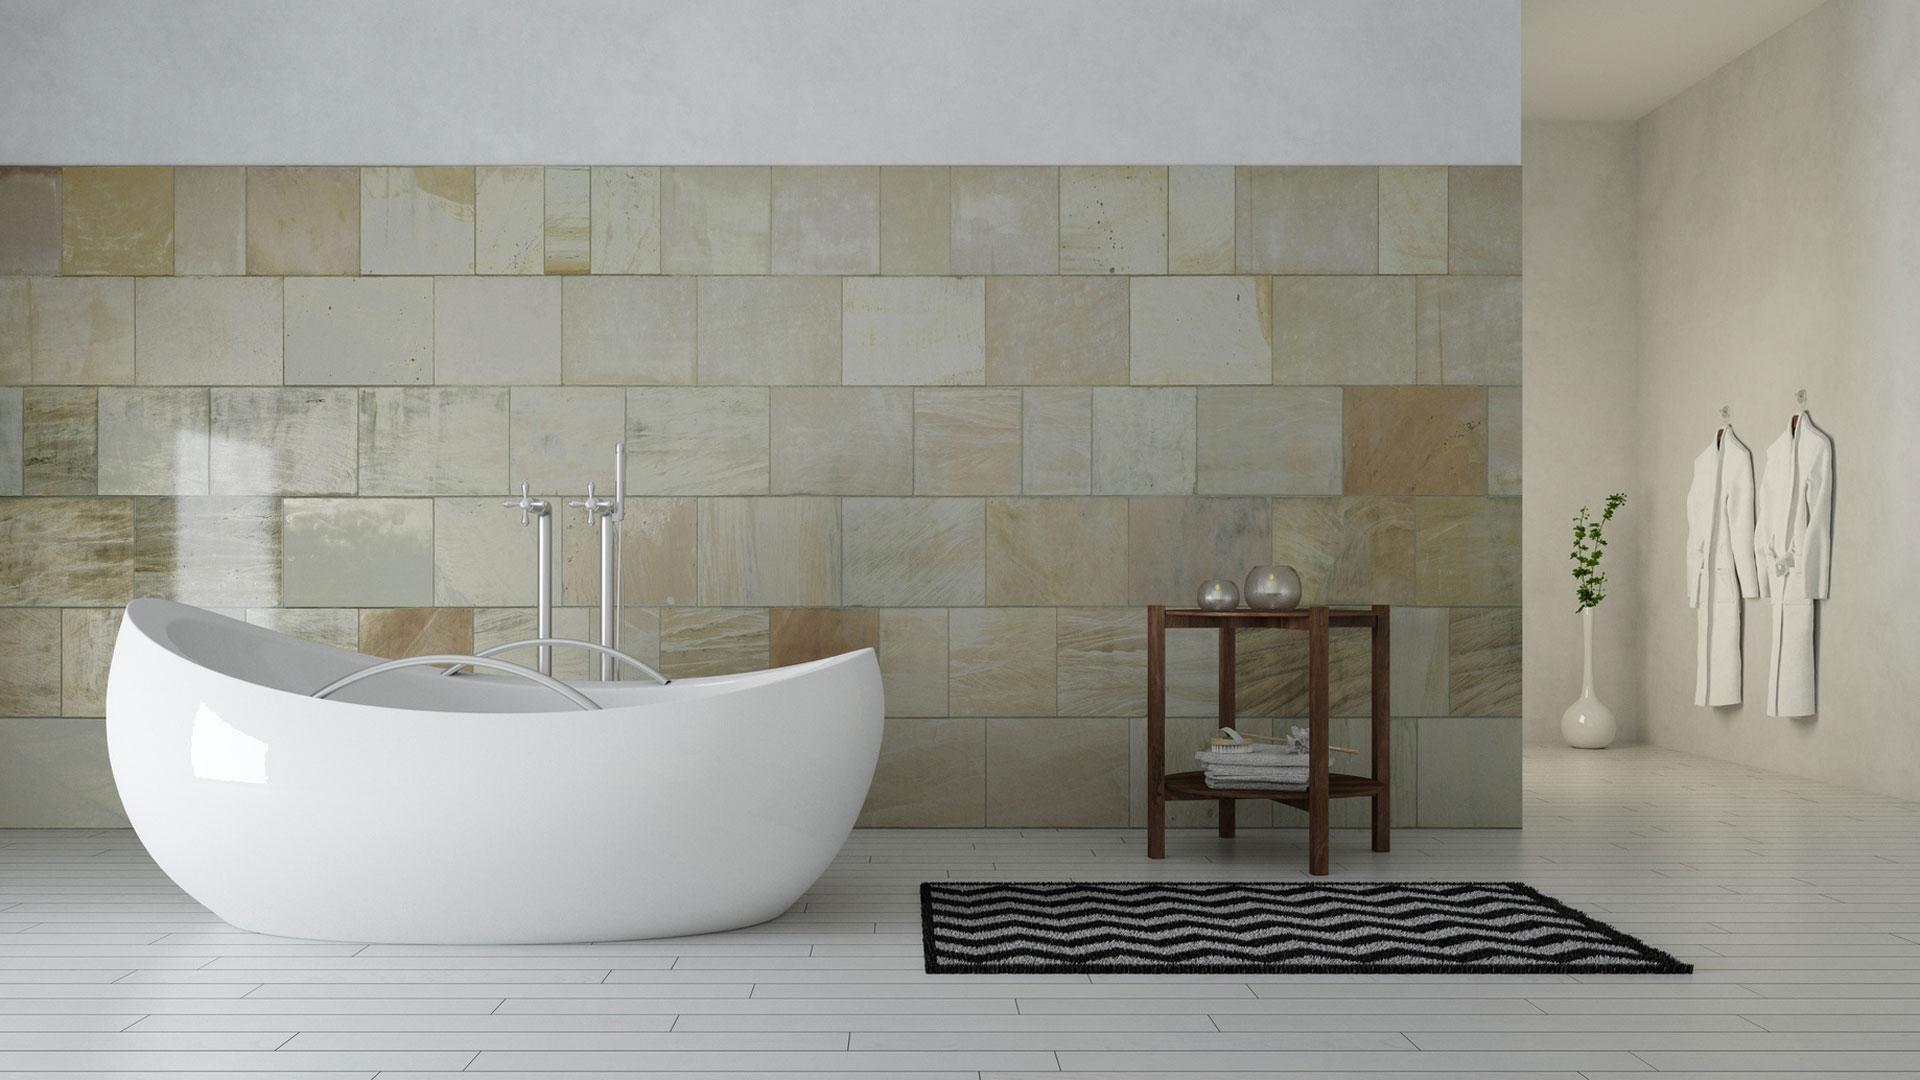 Hindrichs Fliesen, Mosaik und Naturstein